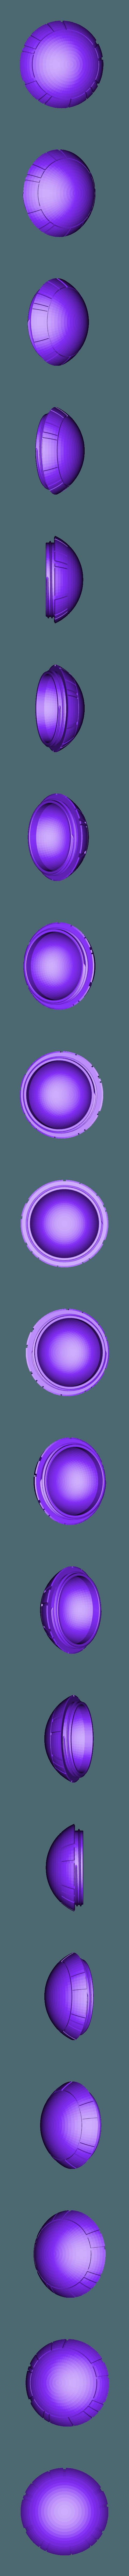 Todesstern Grinder 3.STL Télécharger fichier STL gratuit Deadstar Grinder V2 • Plan à imprimer en 3D, SLIDES